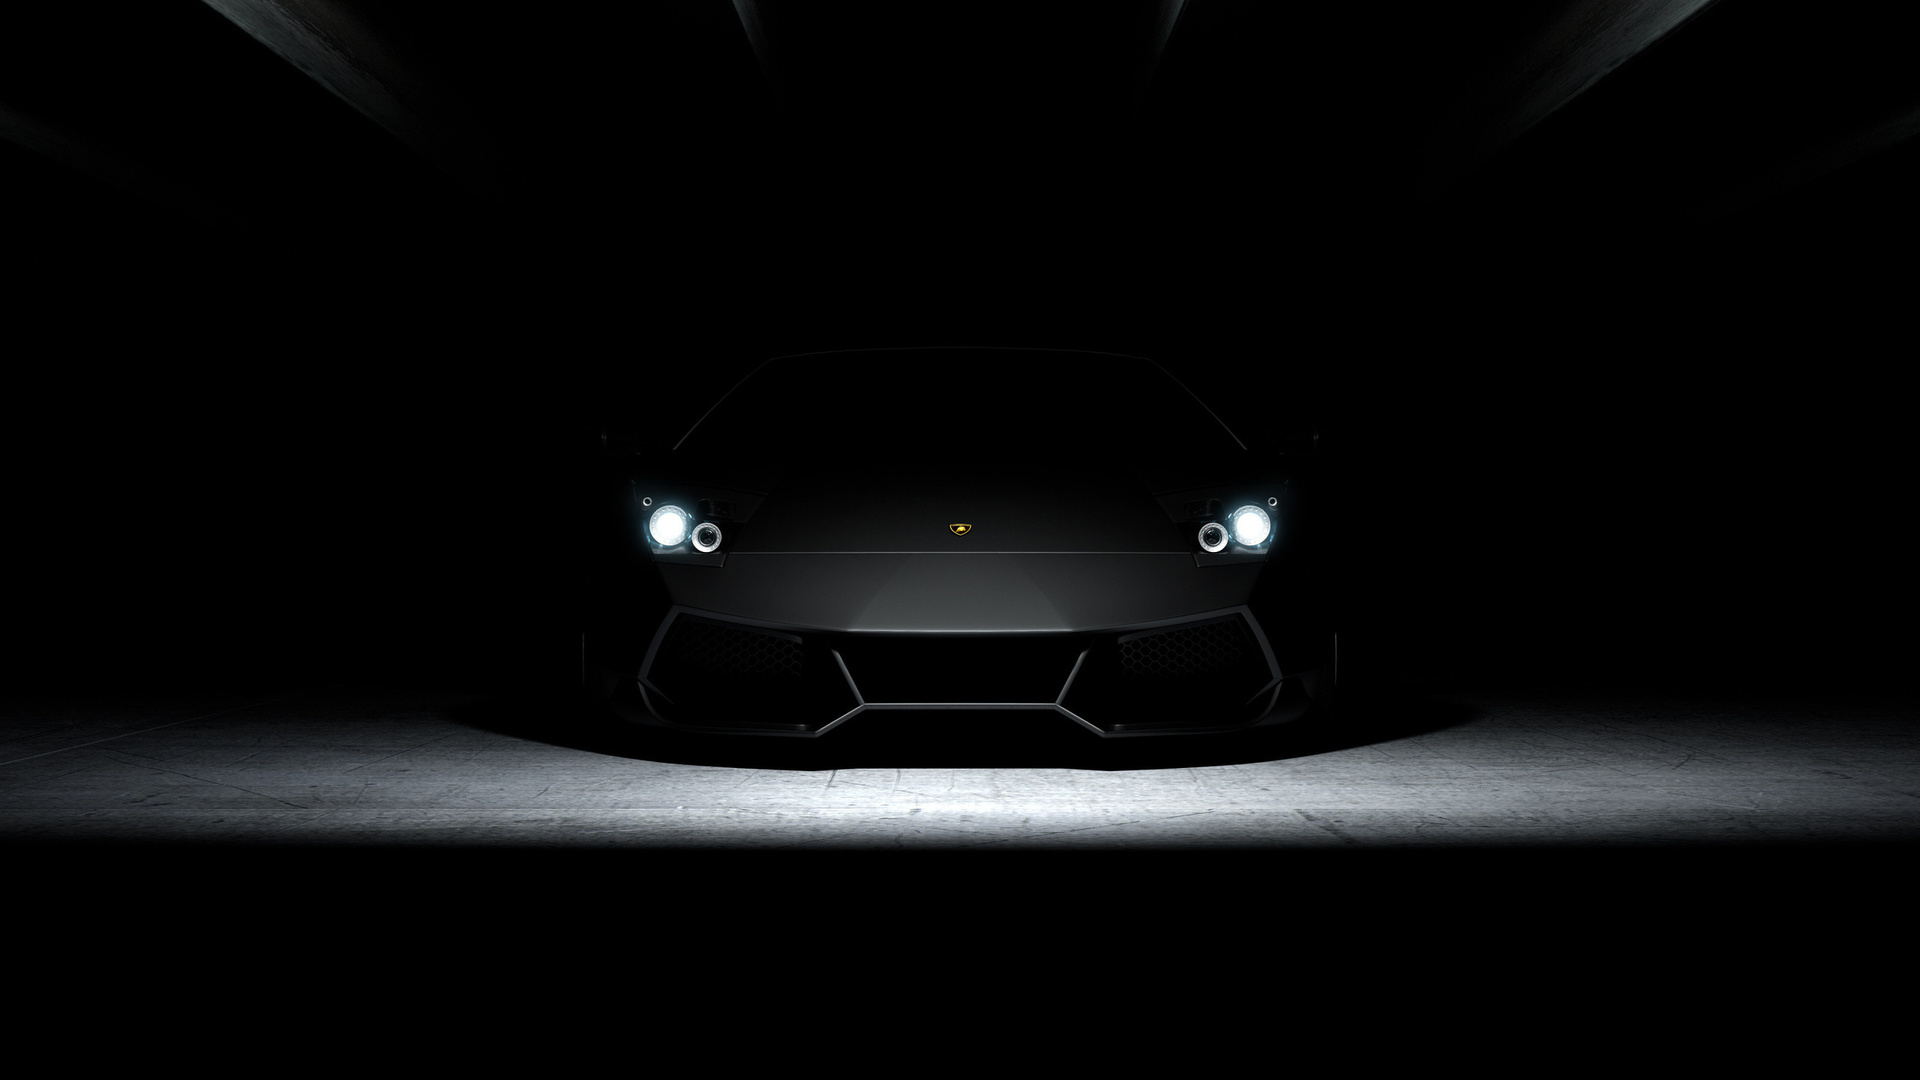 темнота, ламборджини, машина, мурсилаго, фары, светят